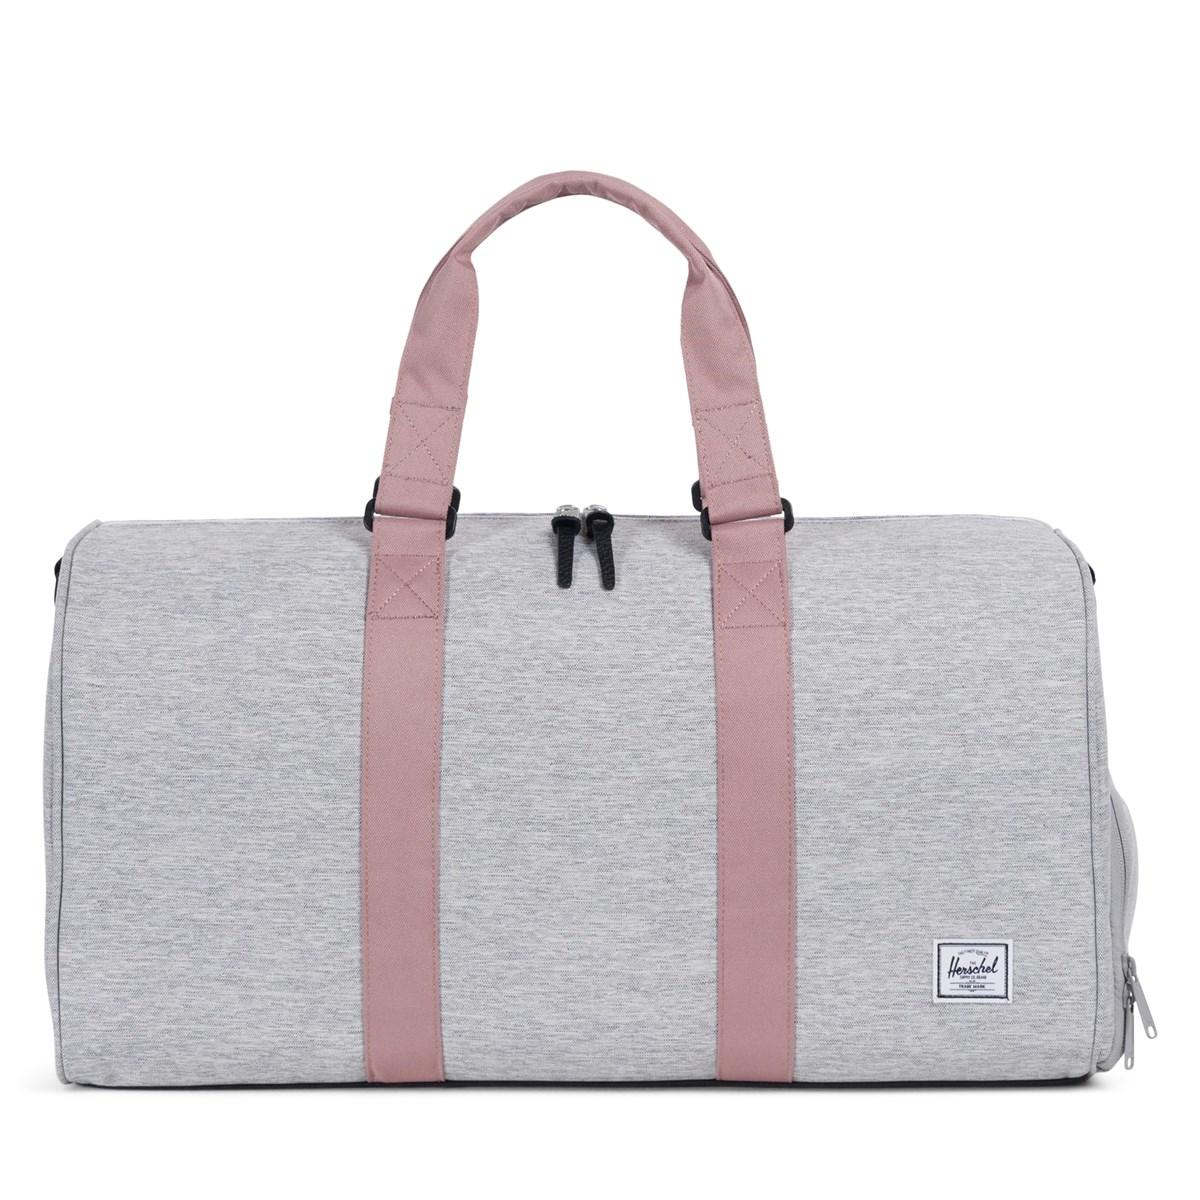 Novel Mid Duffle Bag in Grey